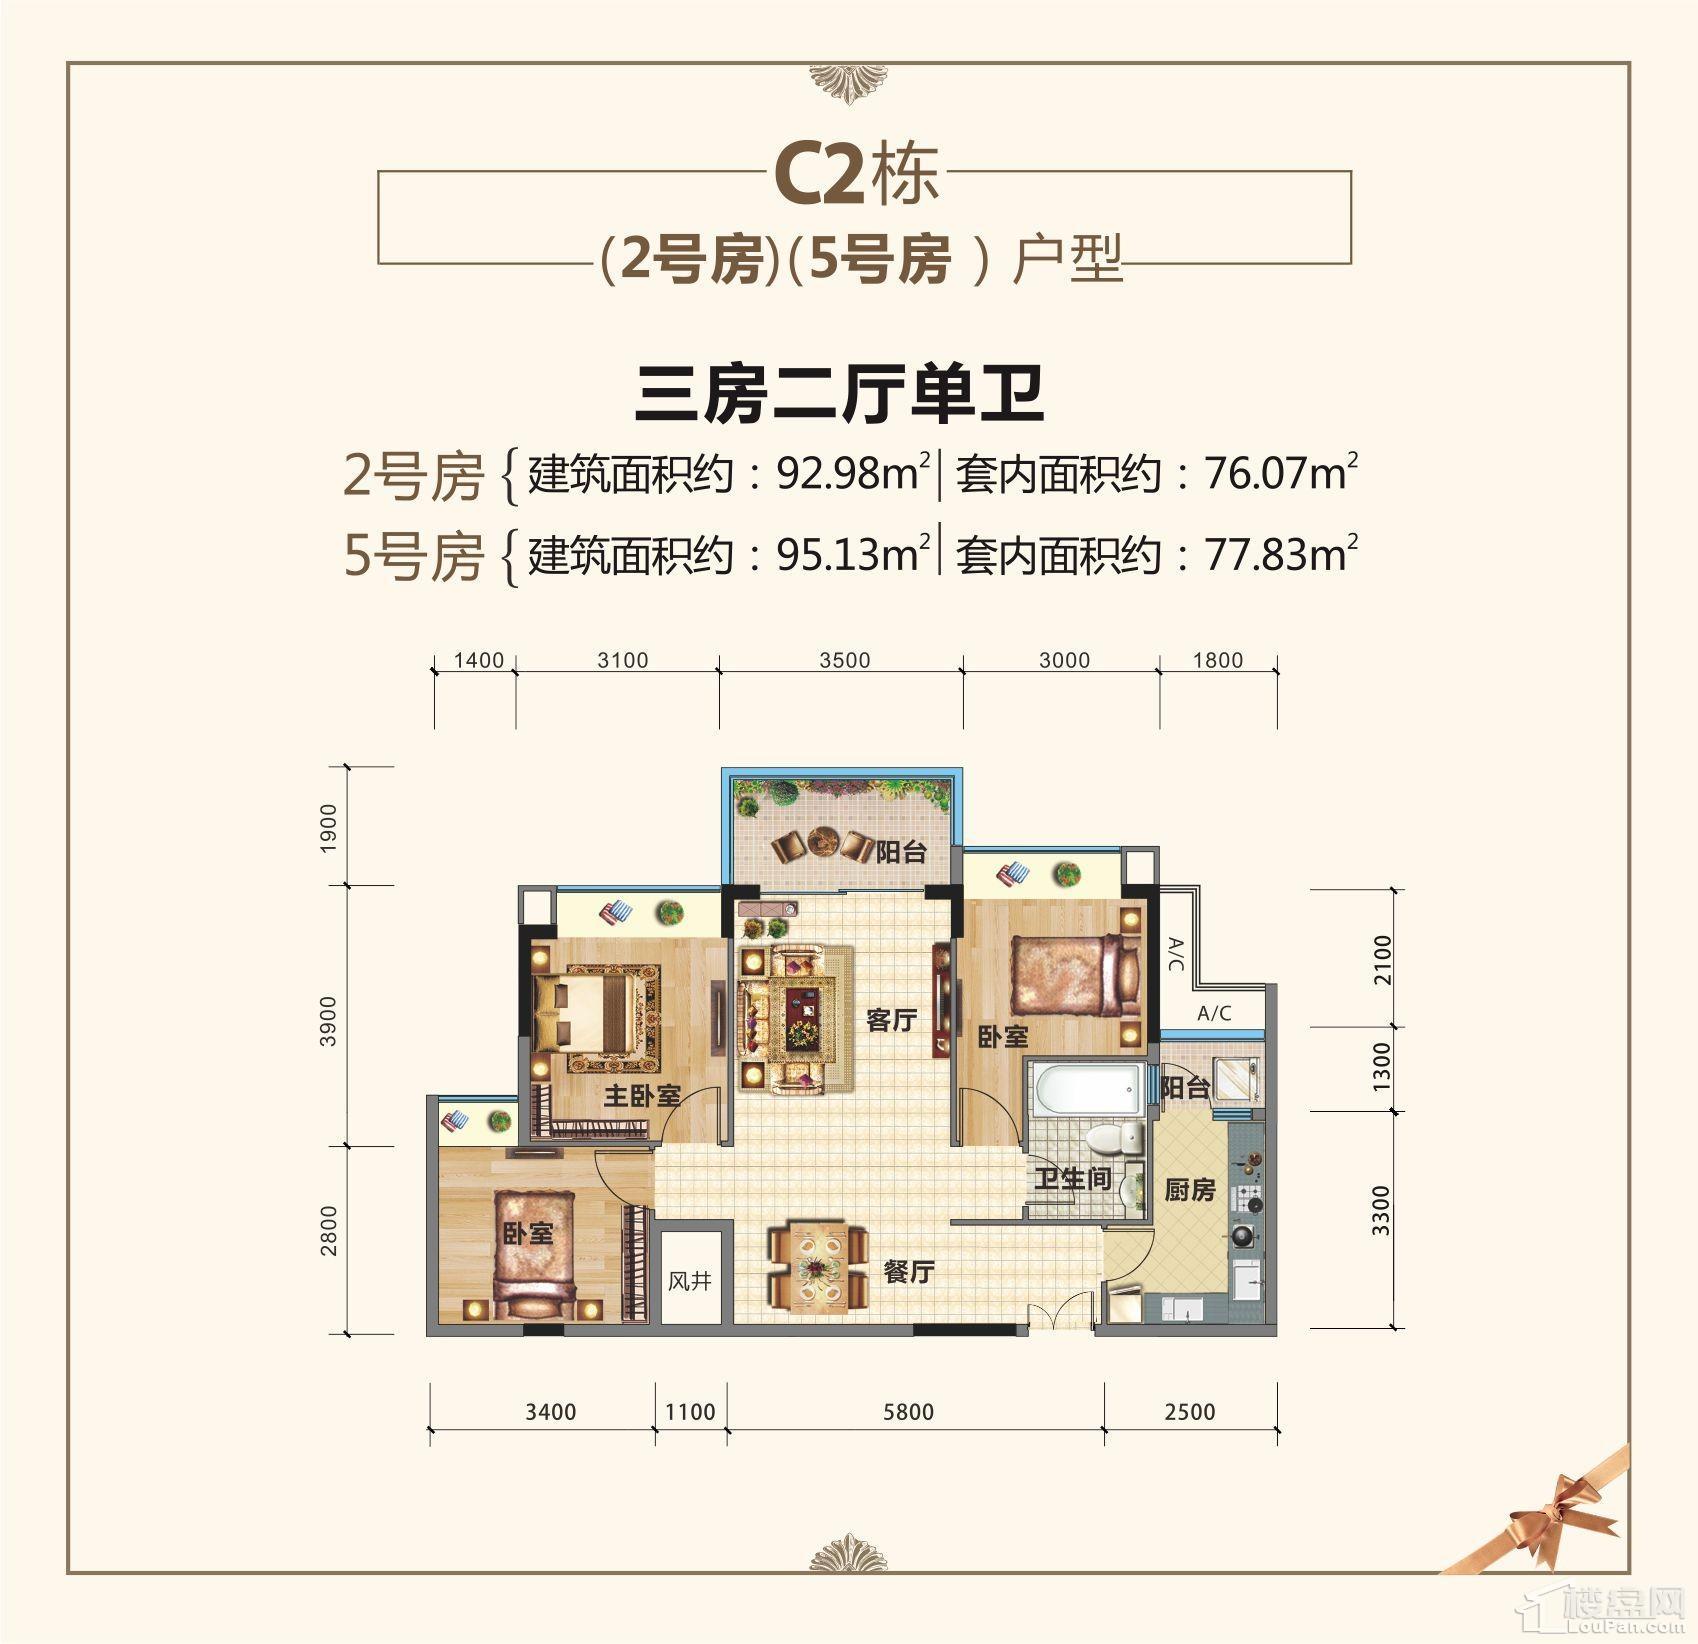 C2栋2号房/5号房户型